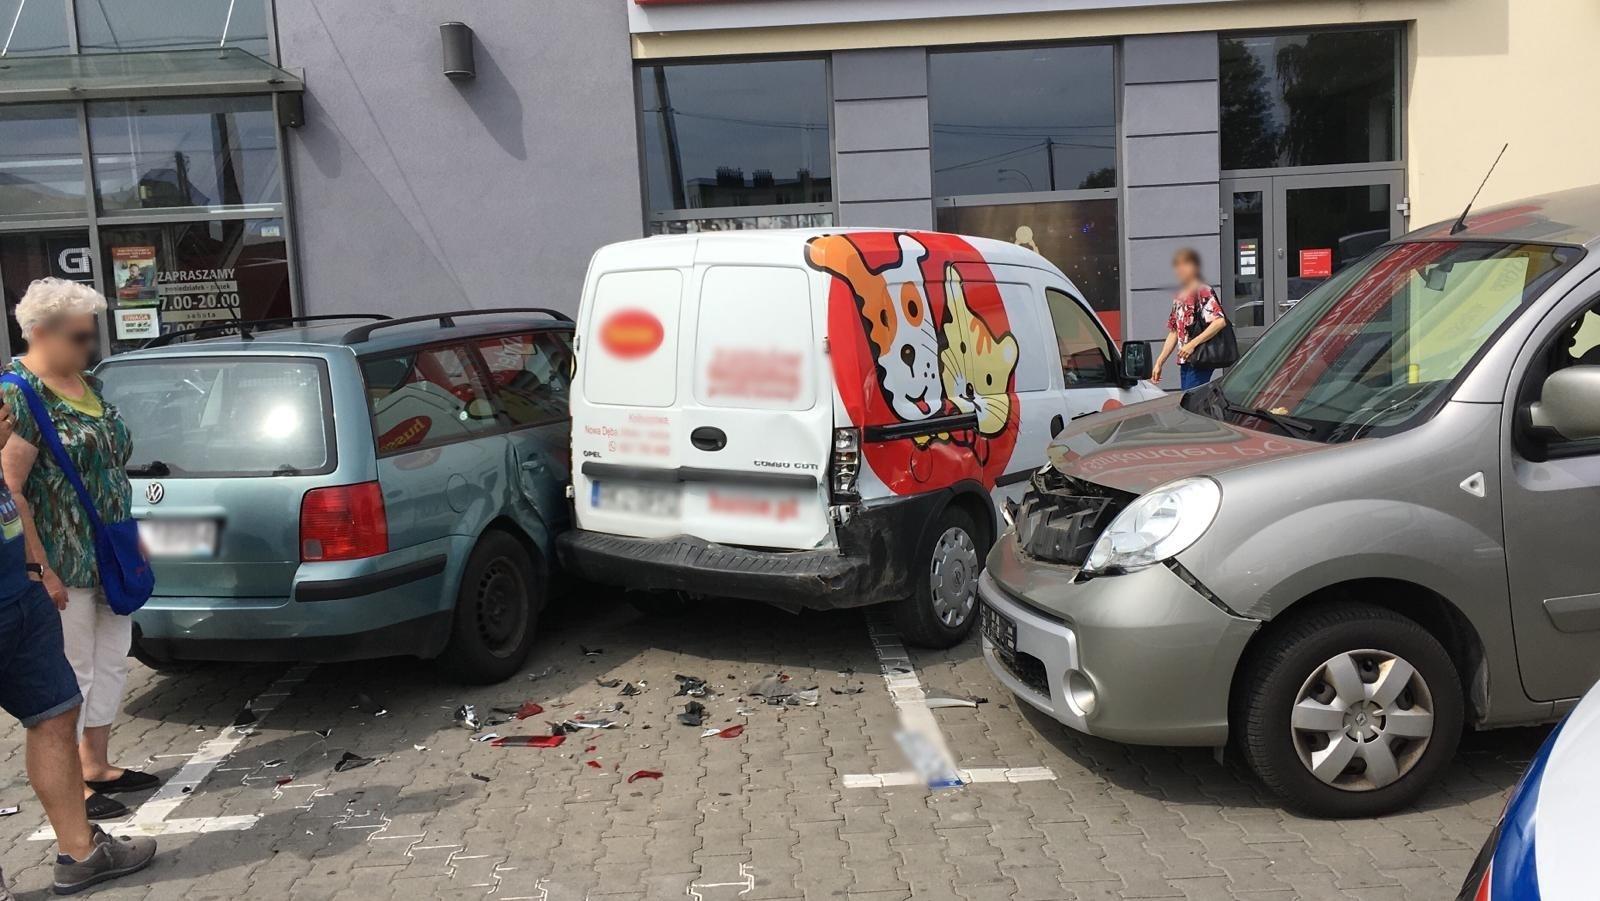 KOLBUSZOWA. Kierowca nie zatrzymał się i wjechał w inne auta. Dlaczego? - Zdjęcie główne